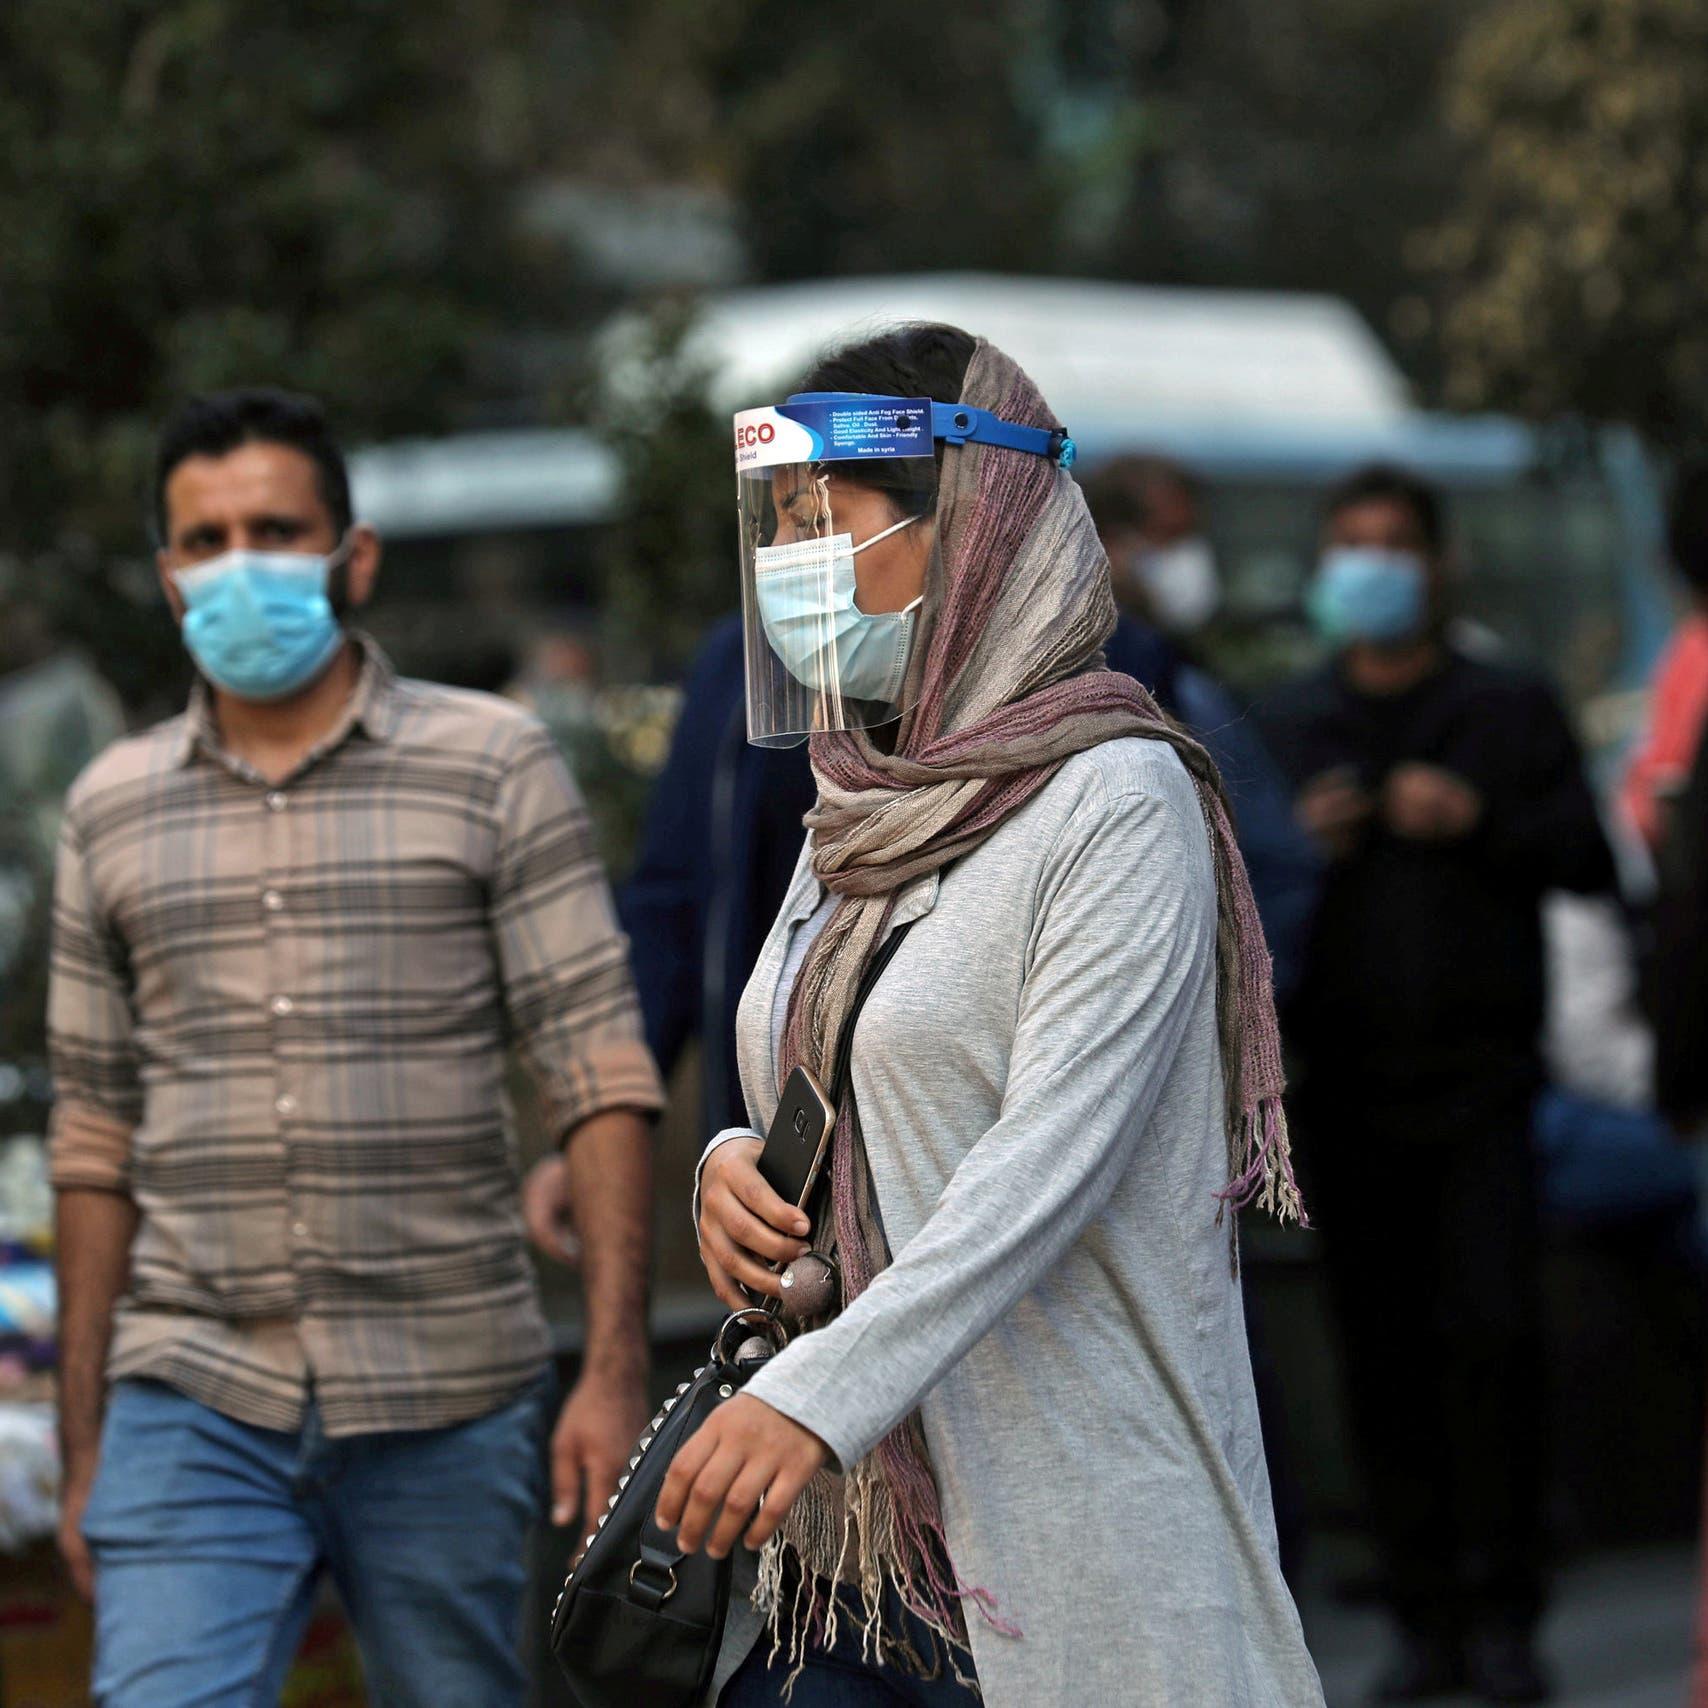 إيران تشدد القيود لكبح انتشار فيروس كورونا